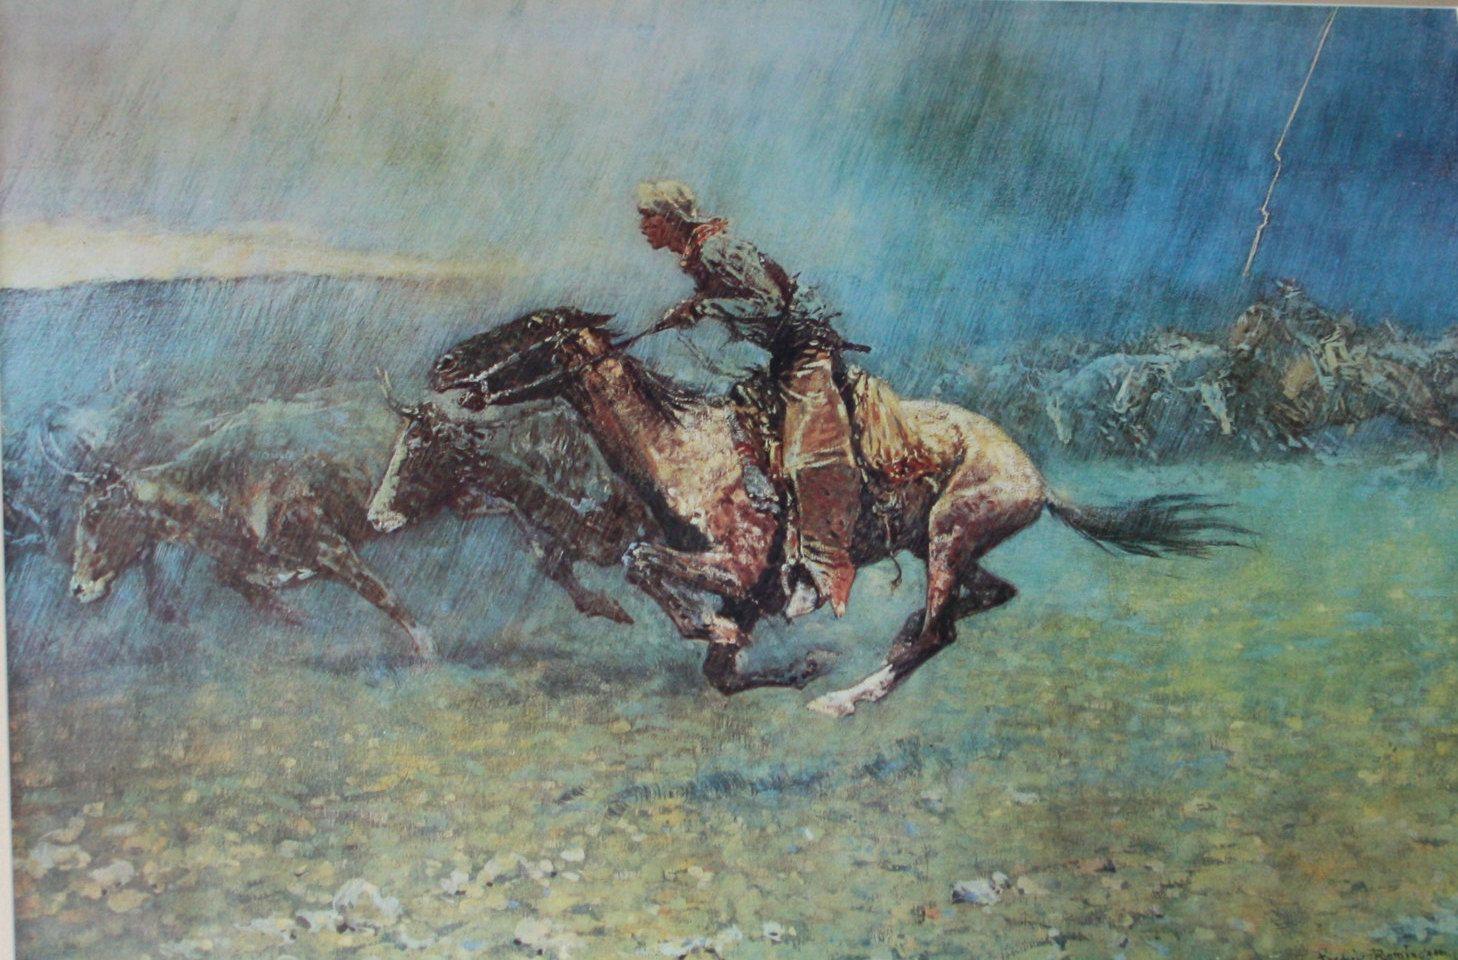 Frederic Remington The Stampede By Lightning 1908 Framed